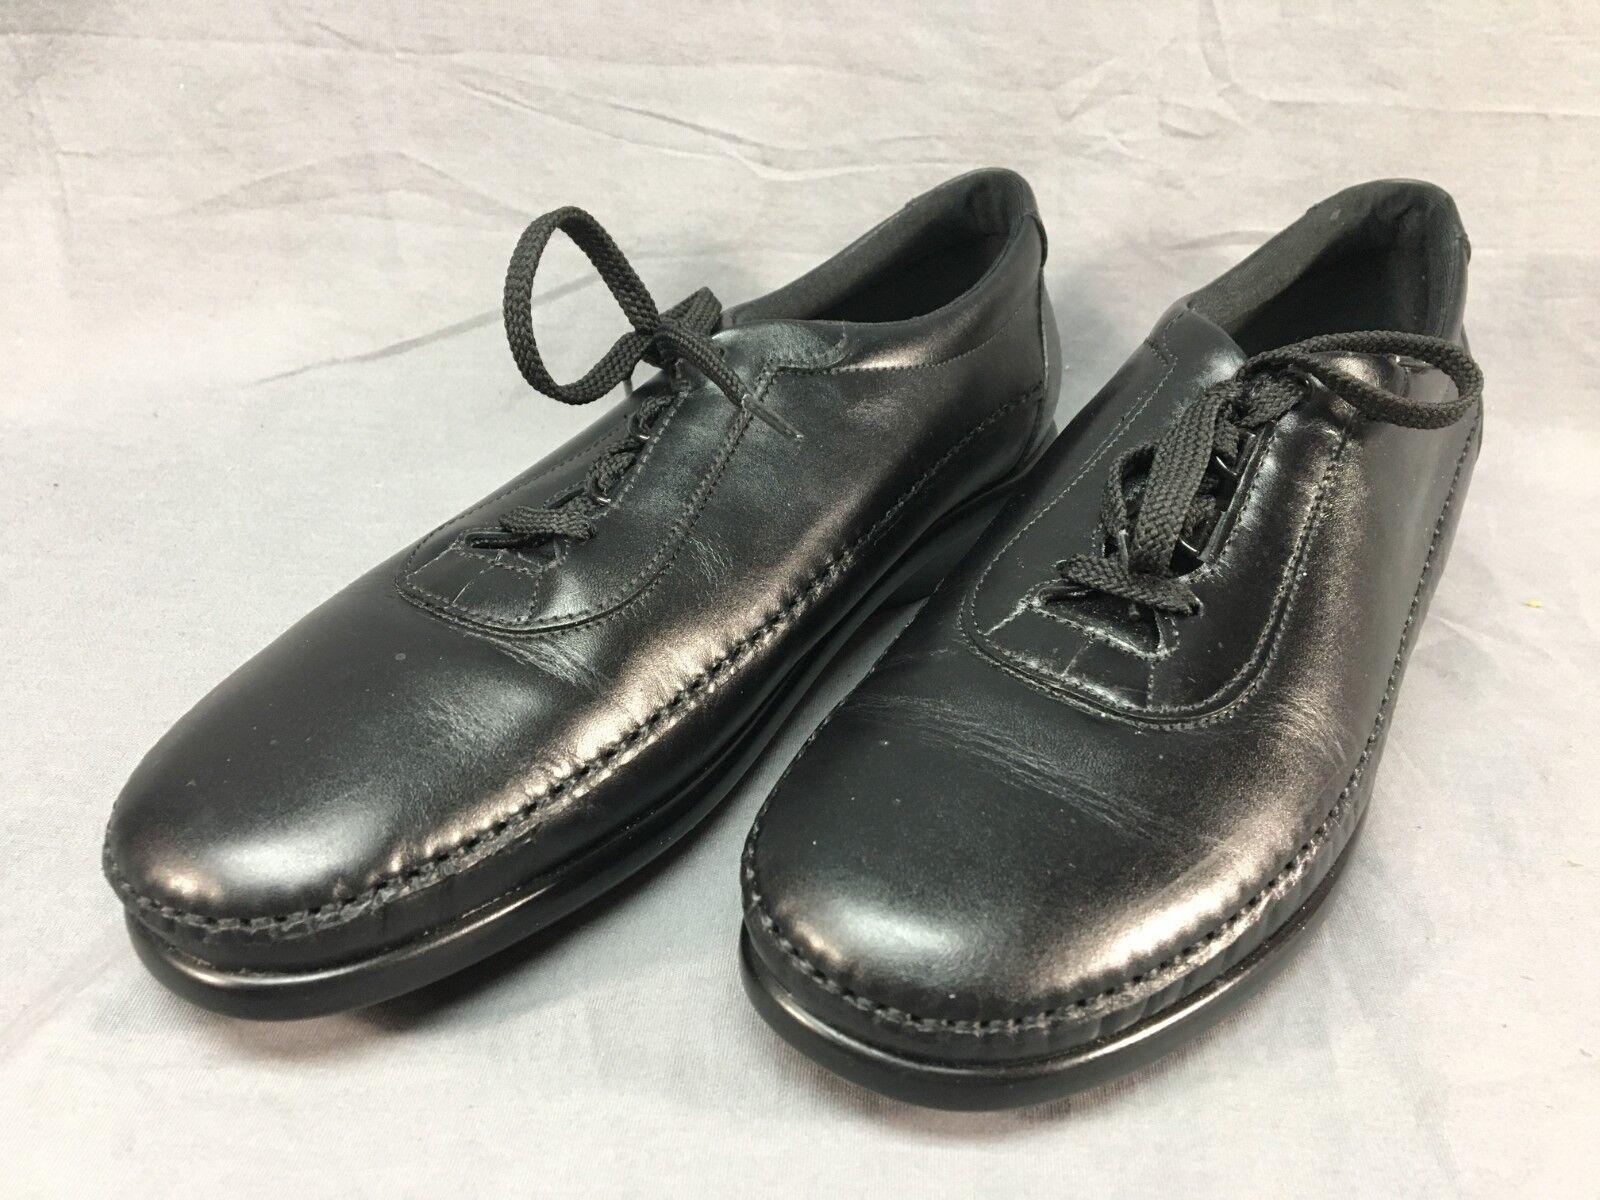 SAS Traveler Women's Black Leather Lace-Up shoes US 7 EUR 37.5 S Slim Width